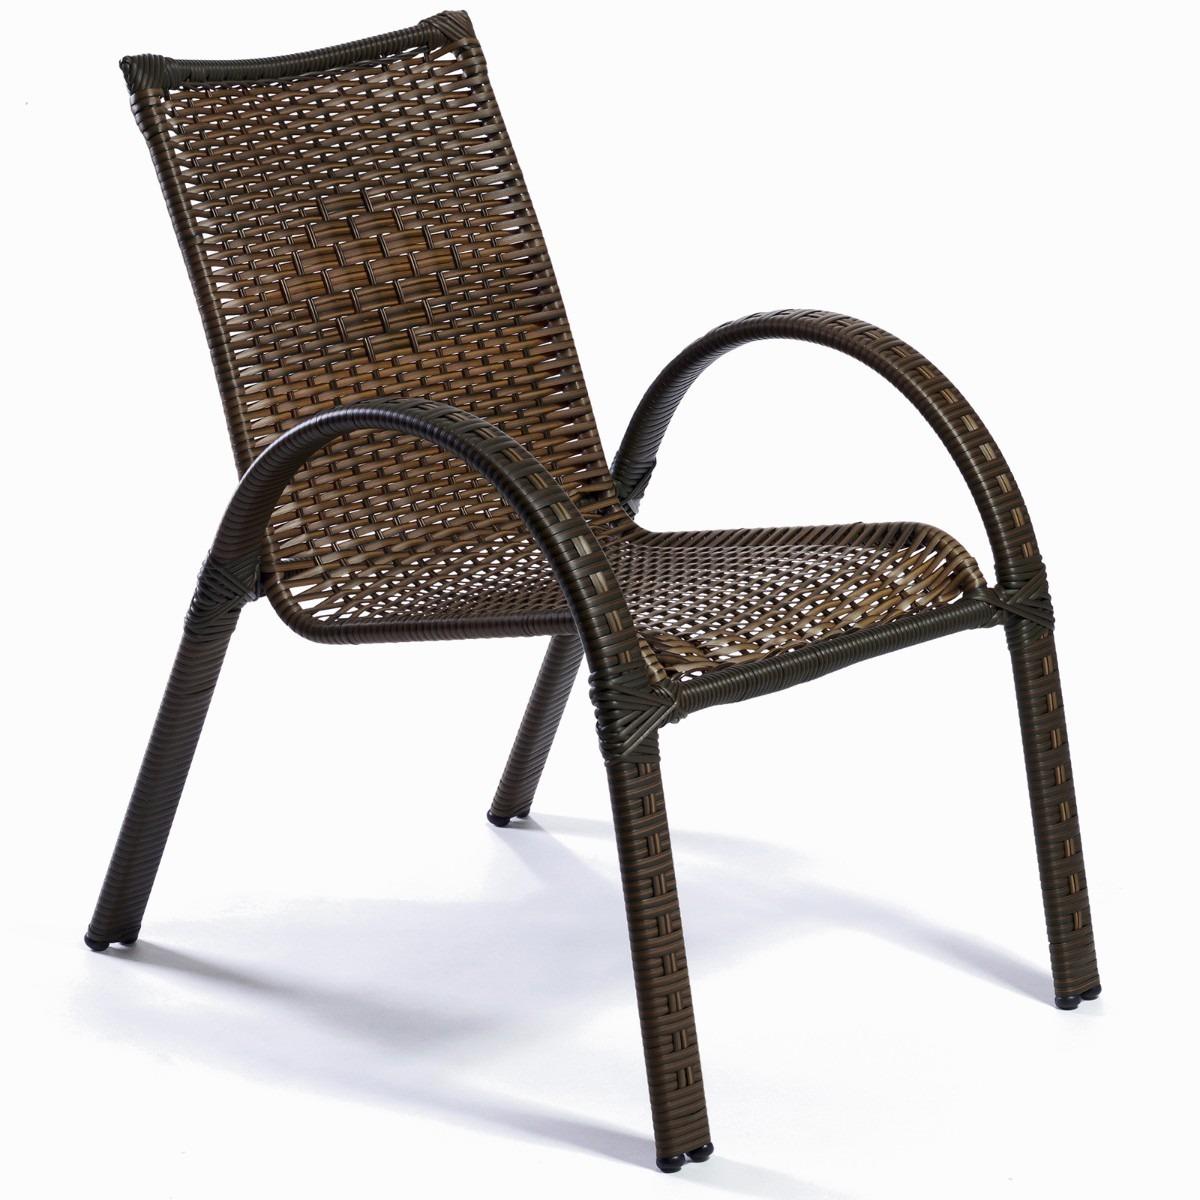 Cadeiras Para Jardim No Mercado Livre Brasil -> Imagens De Uma Cadeira